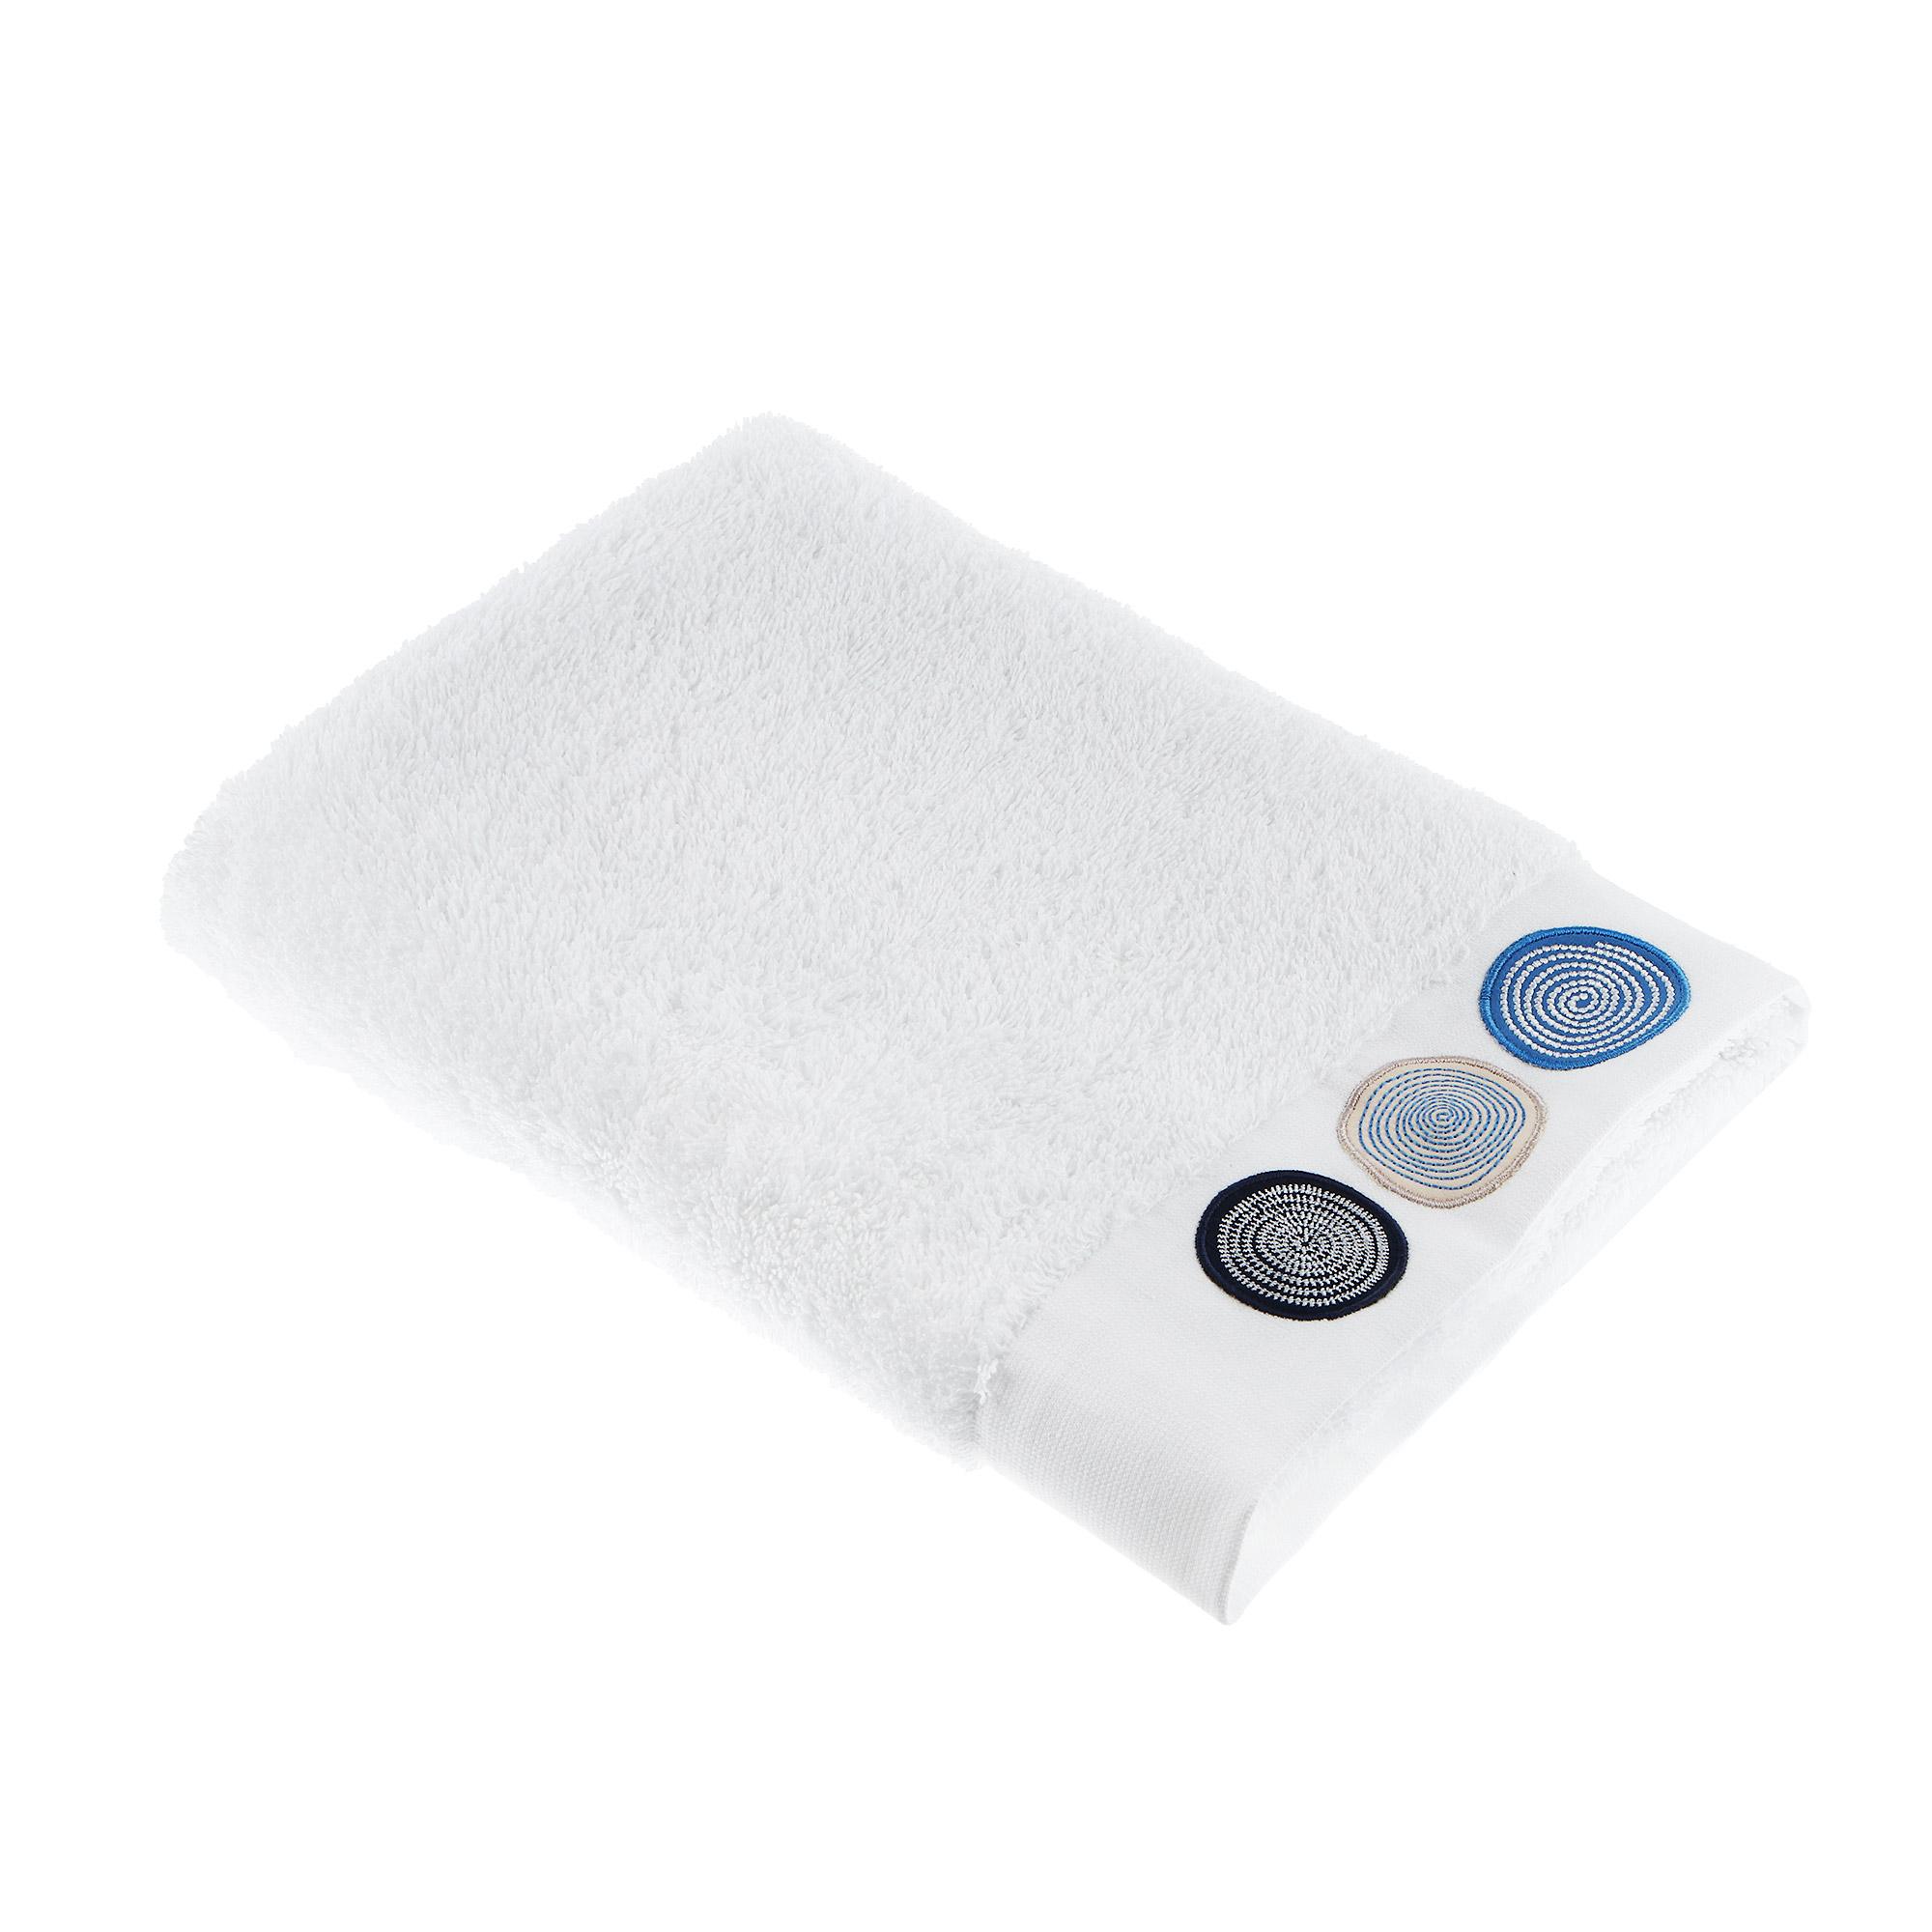 Полотенце махровое Asil lux etno 70x140 полотенце махровое asil woody 70x140 l blue